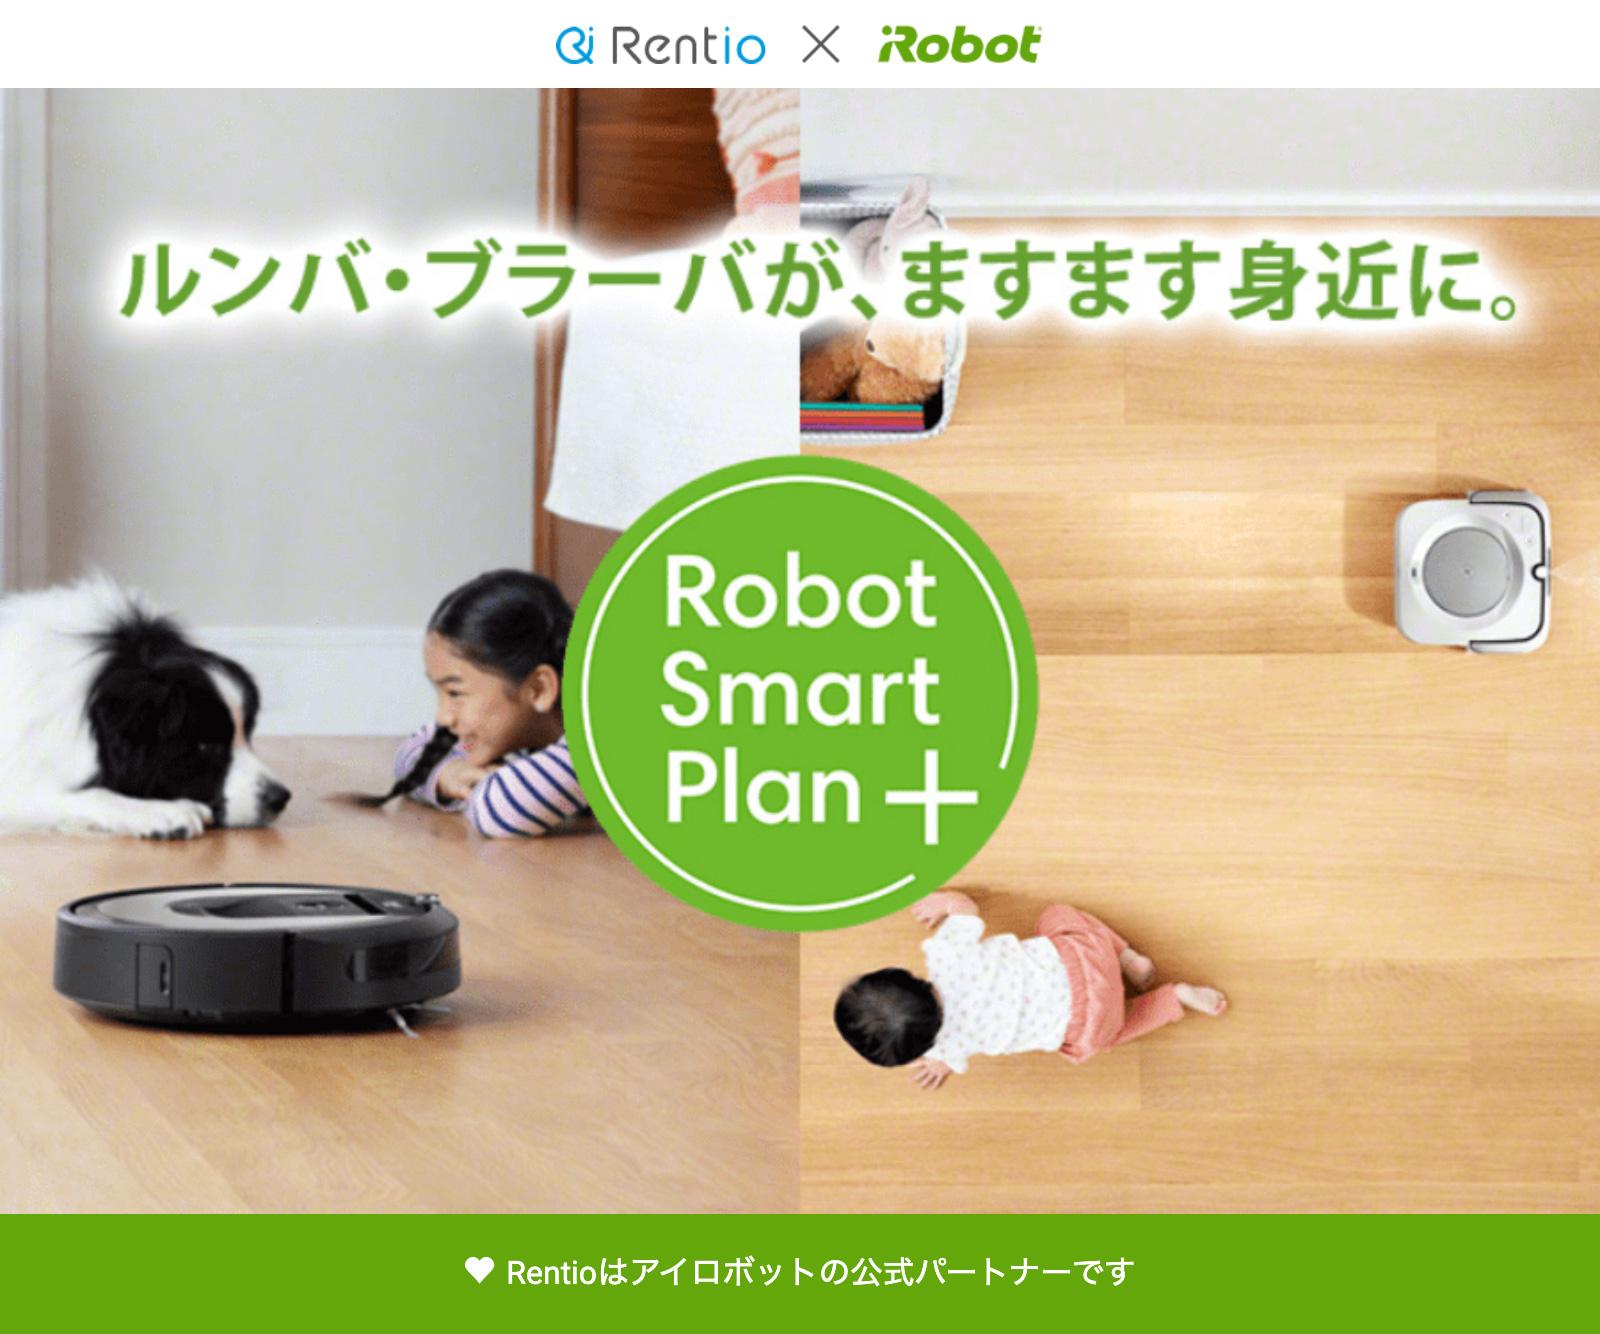 【購入前にまずはお試し】ルンバ・ブラーバをレンタルできる「Robot Smart Plan+」